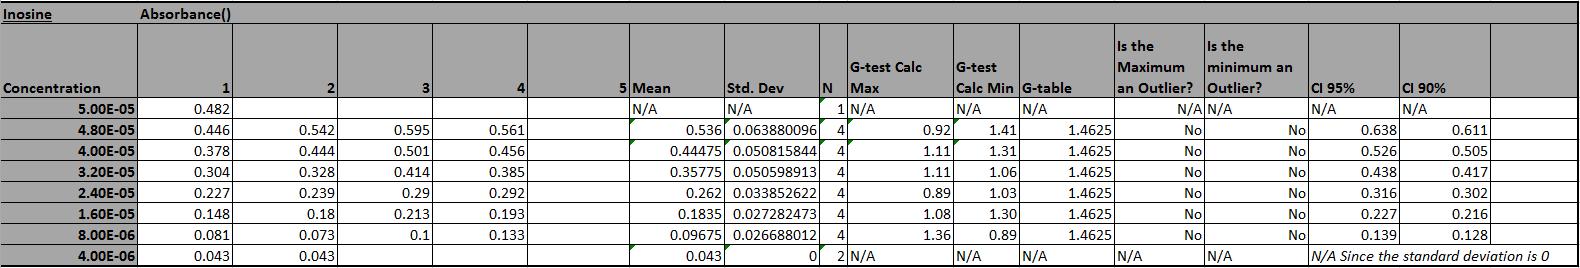 CHEM571 cmj 09.04.13 Class Data Analysis Inosine.png